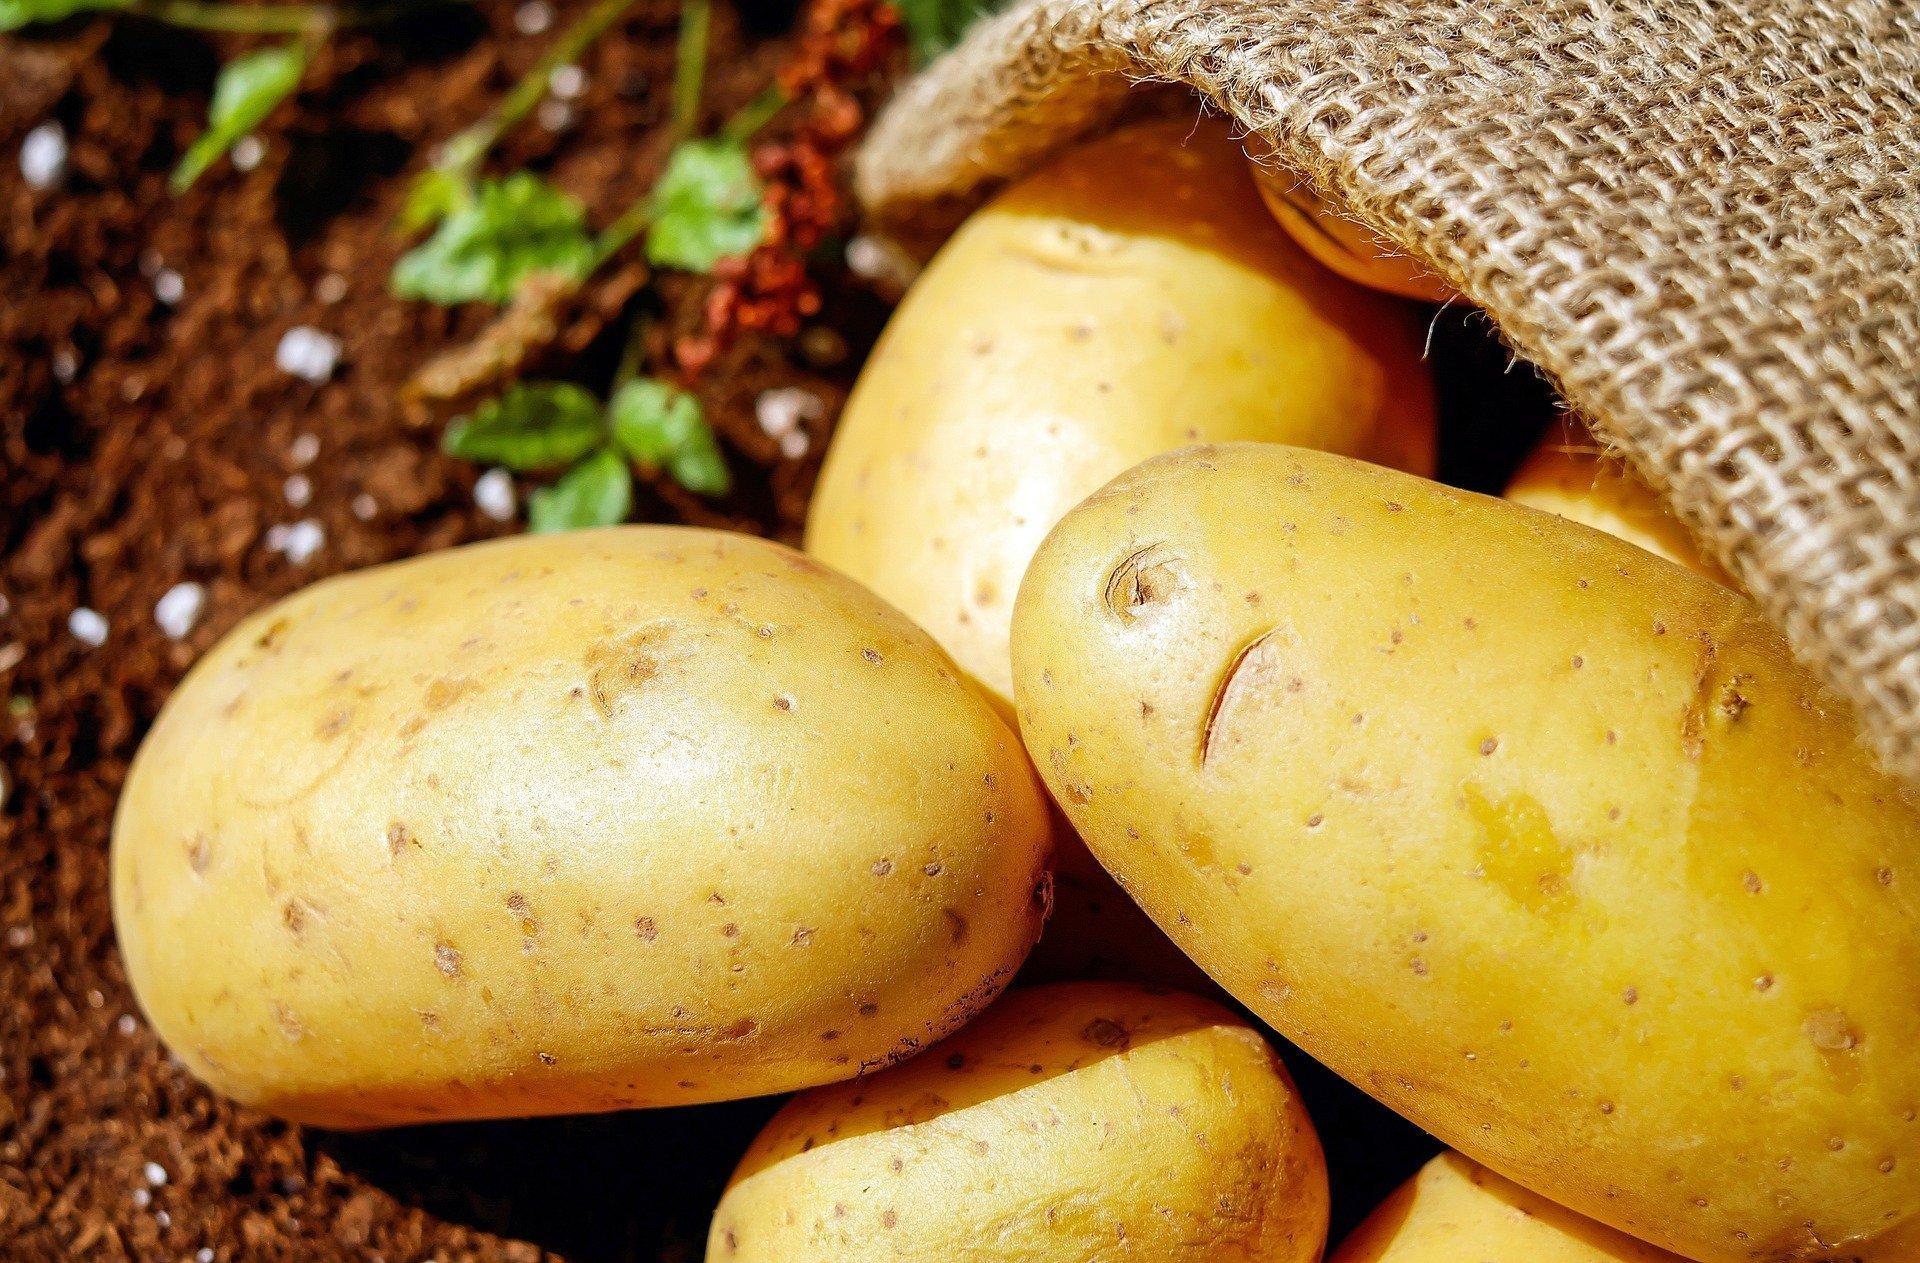 СМИ Австрии предупреждают: не следует делать большие запасы картофеля на время карантина